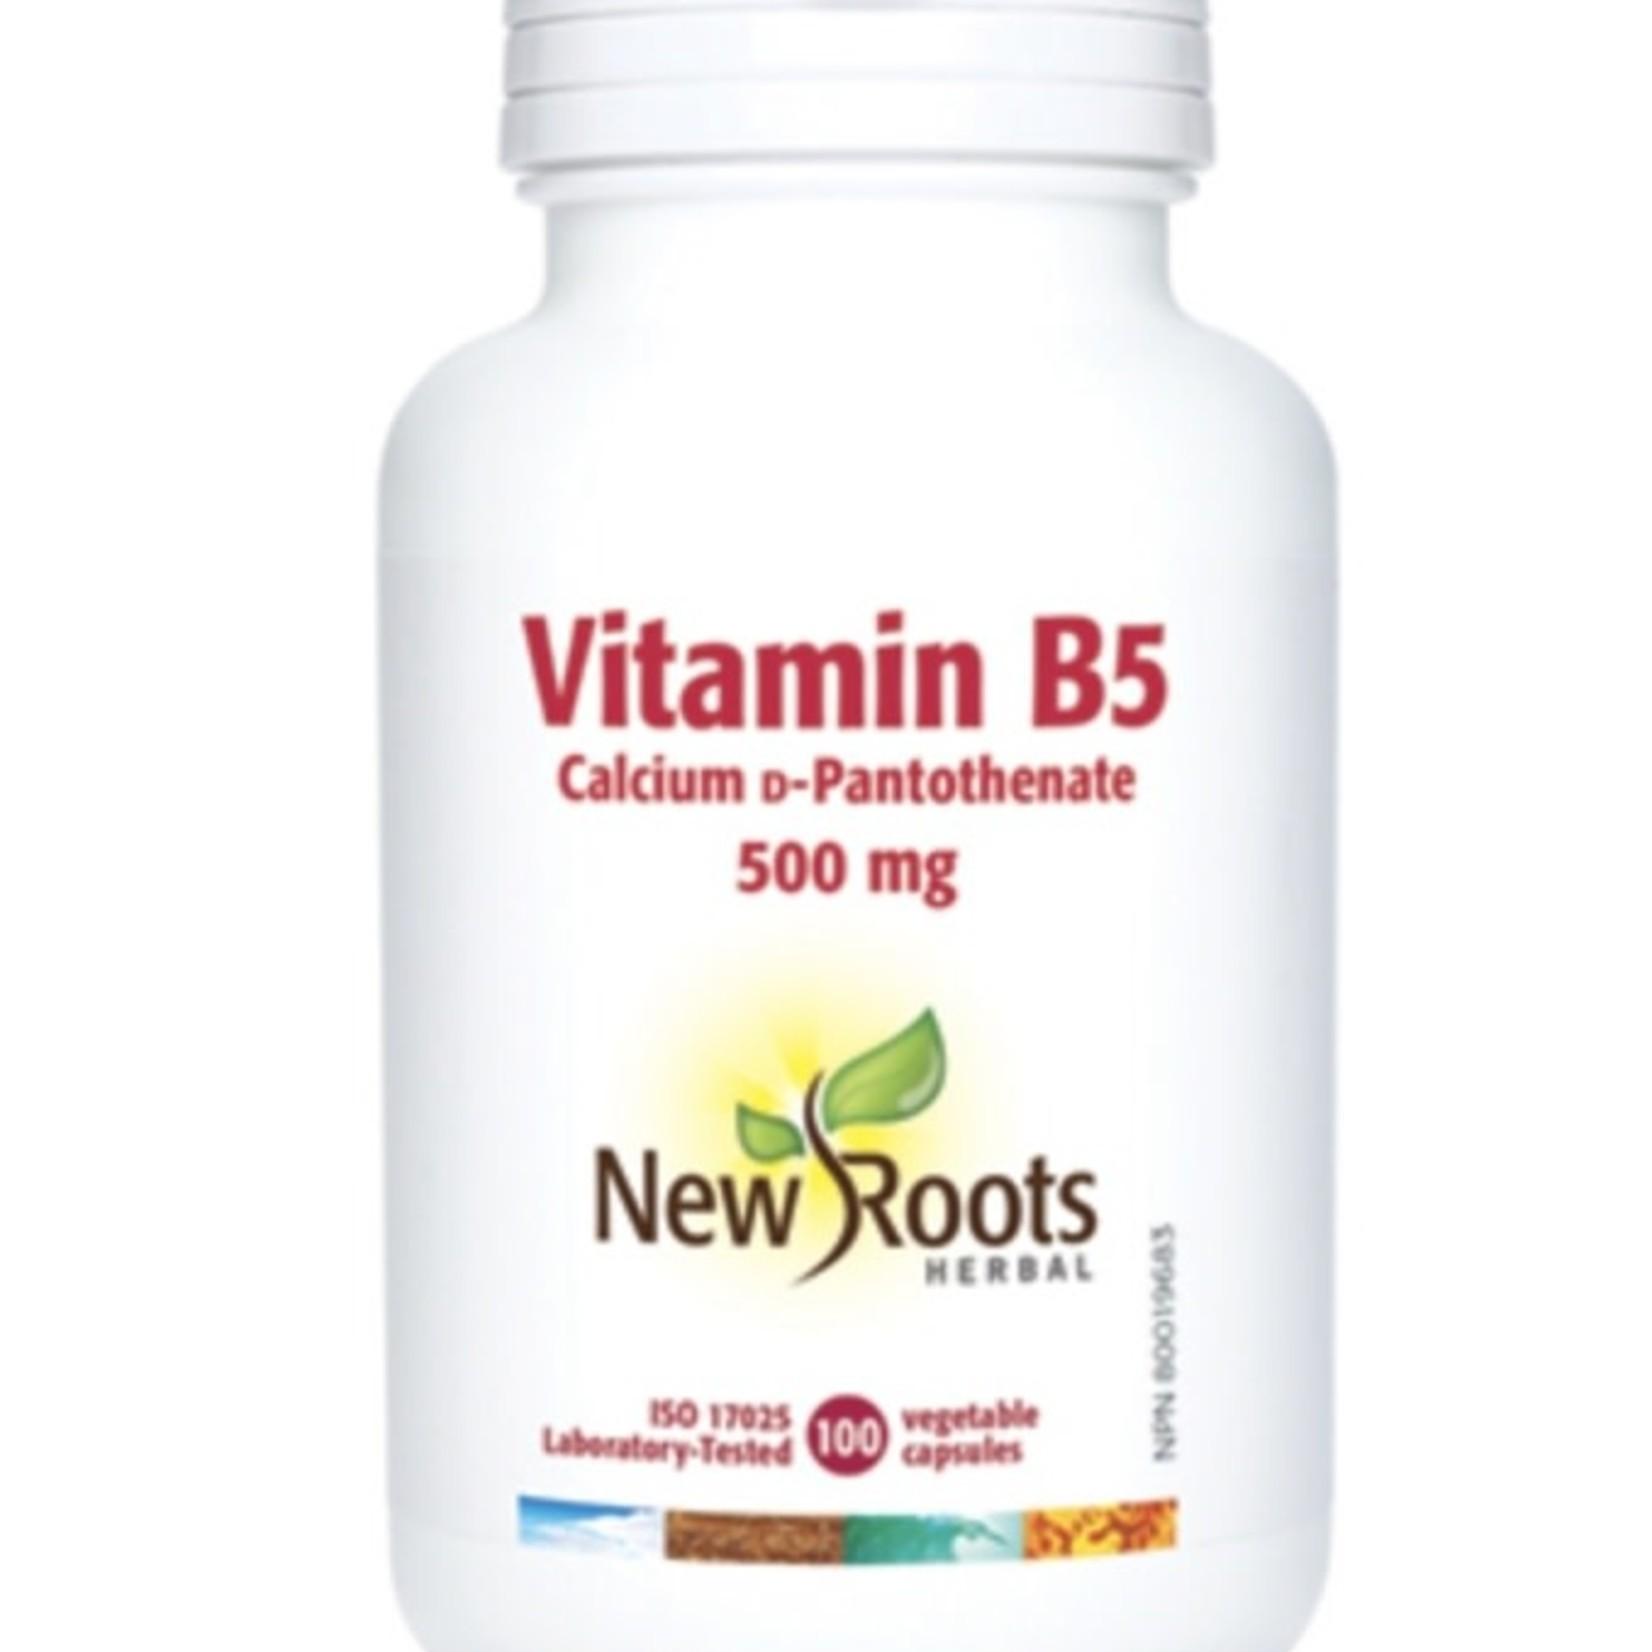 New Roots New Roots Vitamin B5 500mg 100 caps